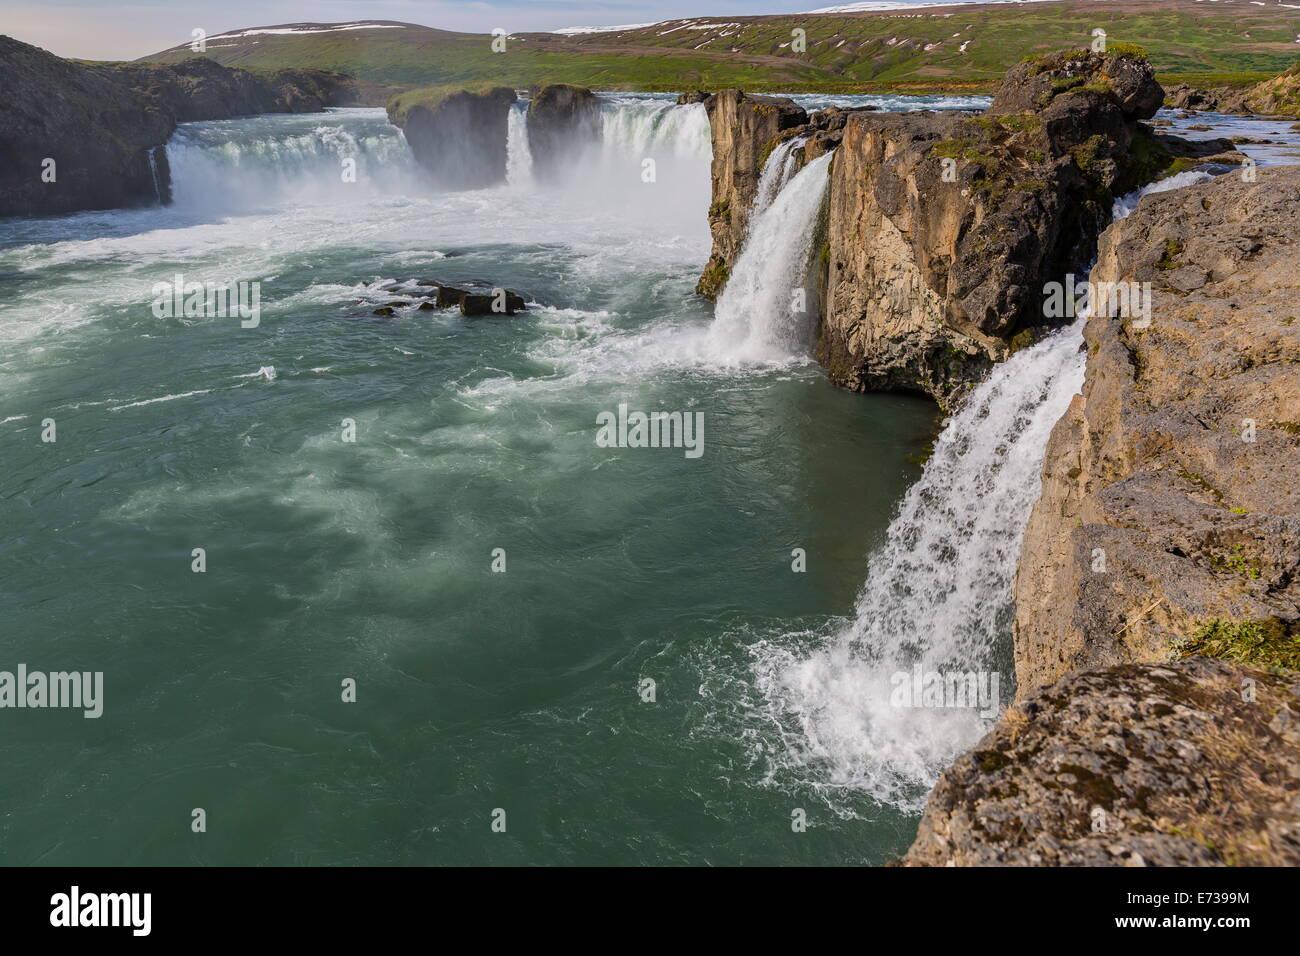 L'une des plus spectaculaires chutes d'Islande Godafoss, (Cascade des dieux), à l'extérieur Photo Stock